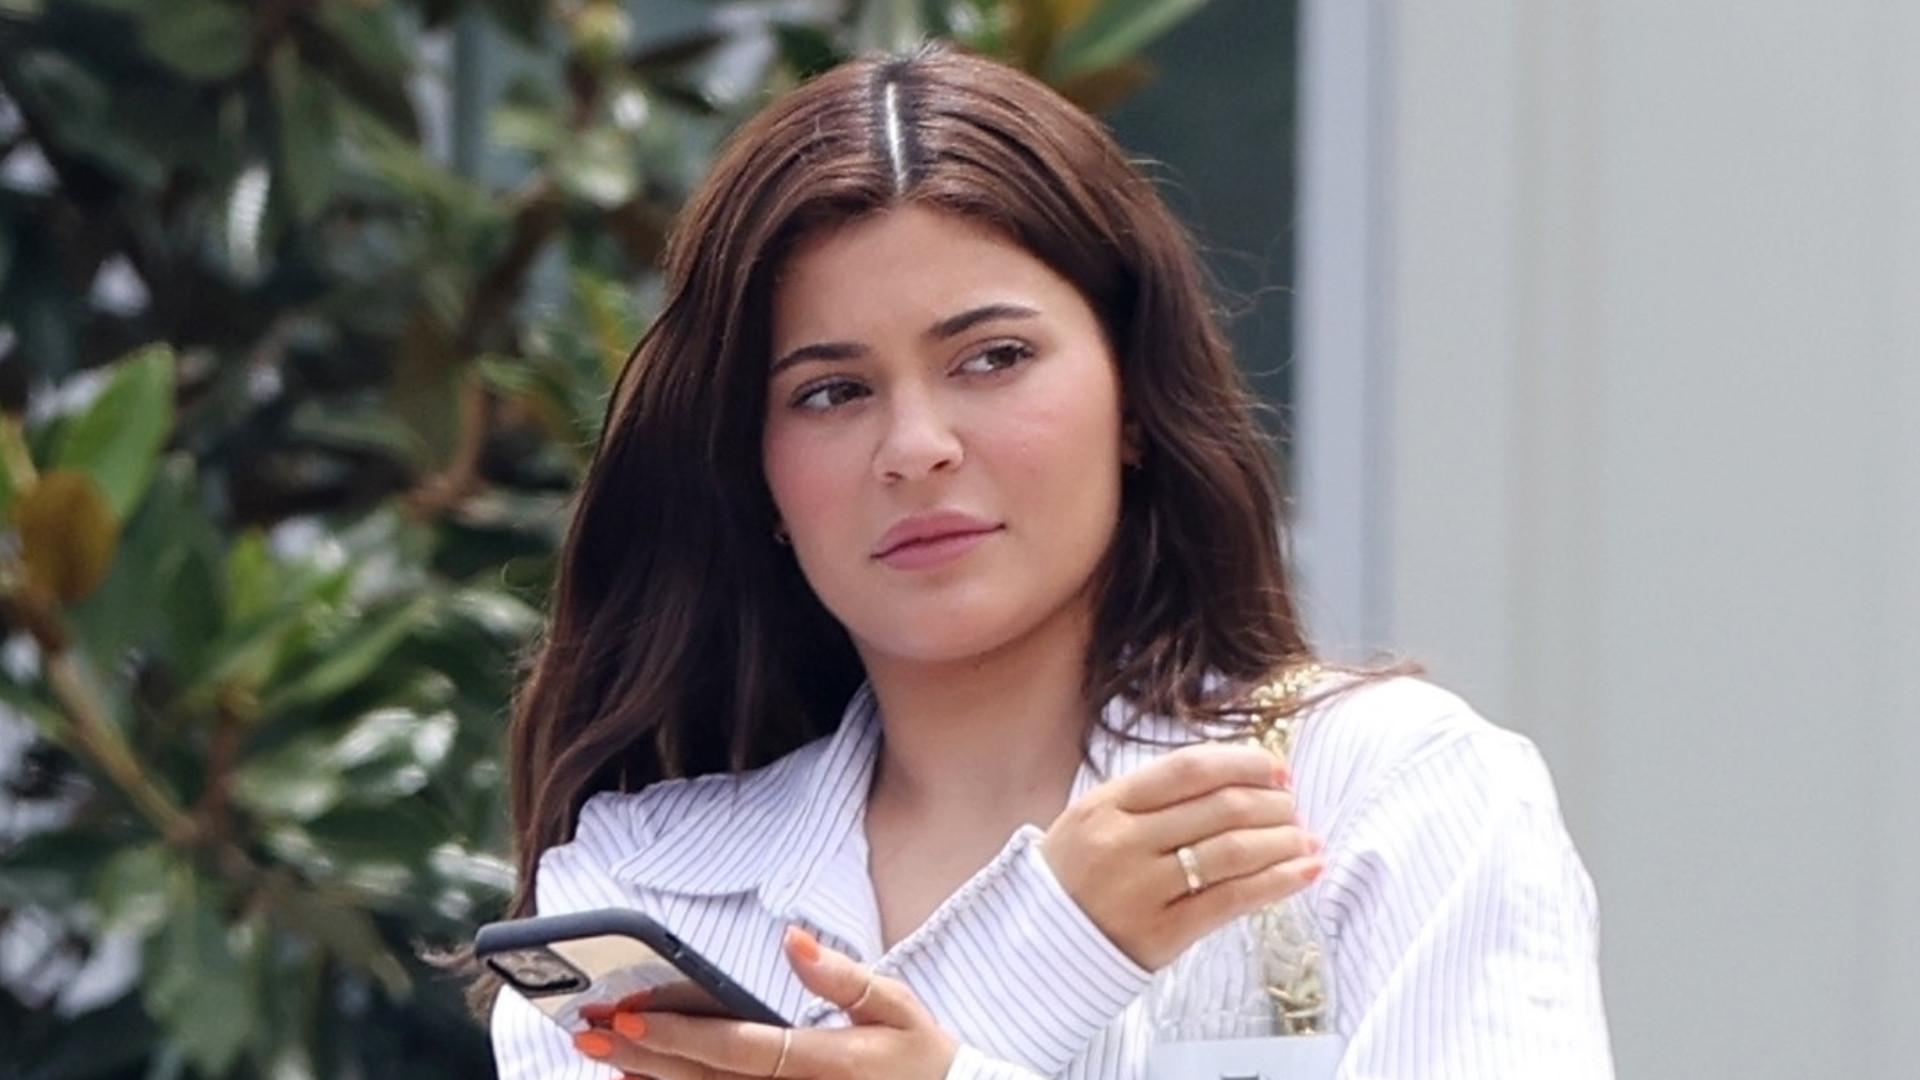 Kylie Jenner zmienia styl? Wygląda bardziej skromnie i naturalnie (ZDJĘCIA)